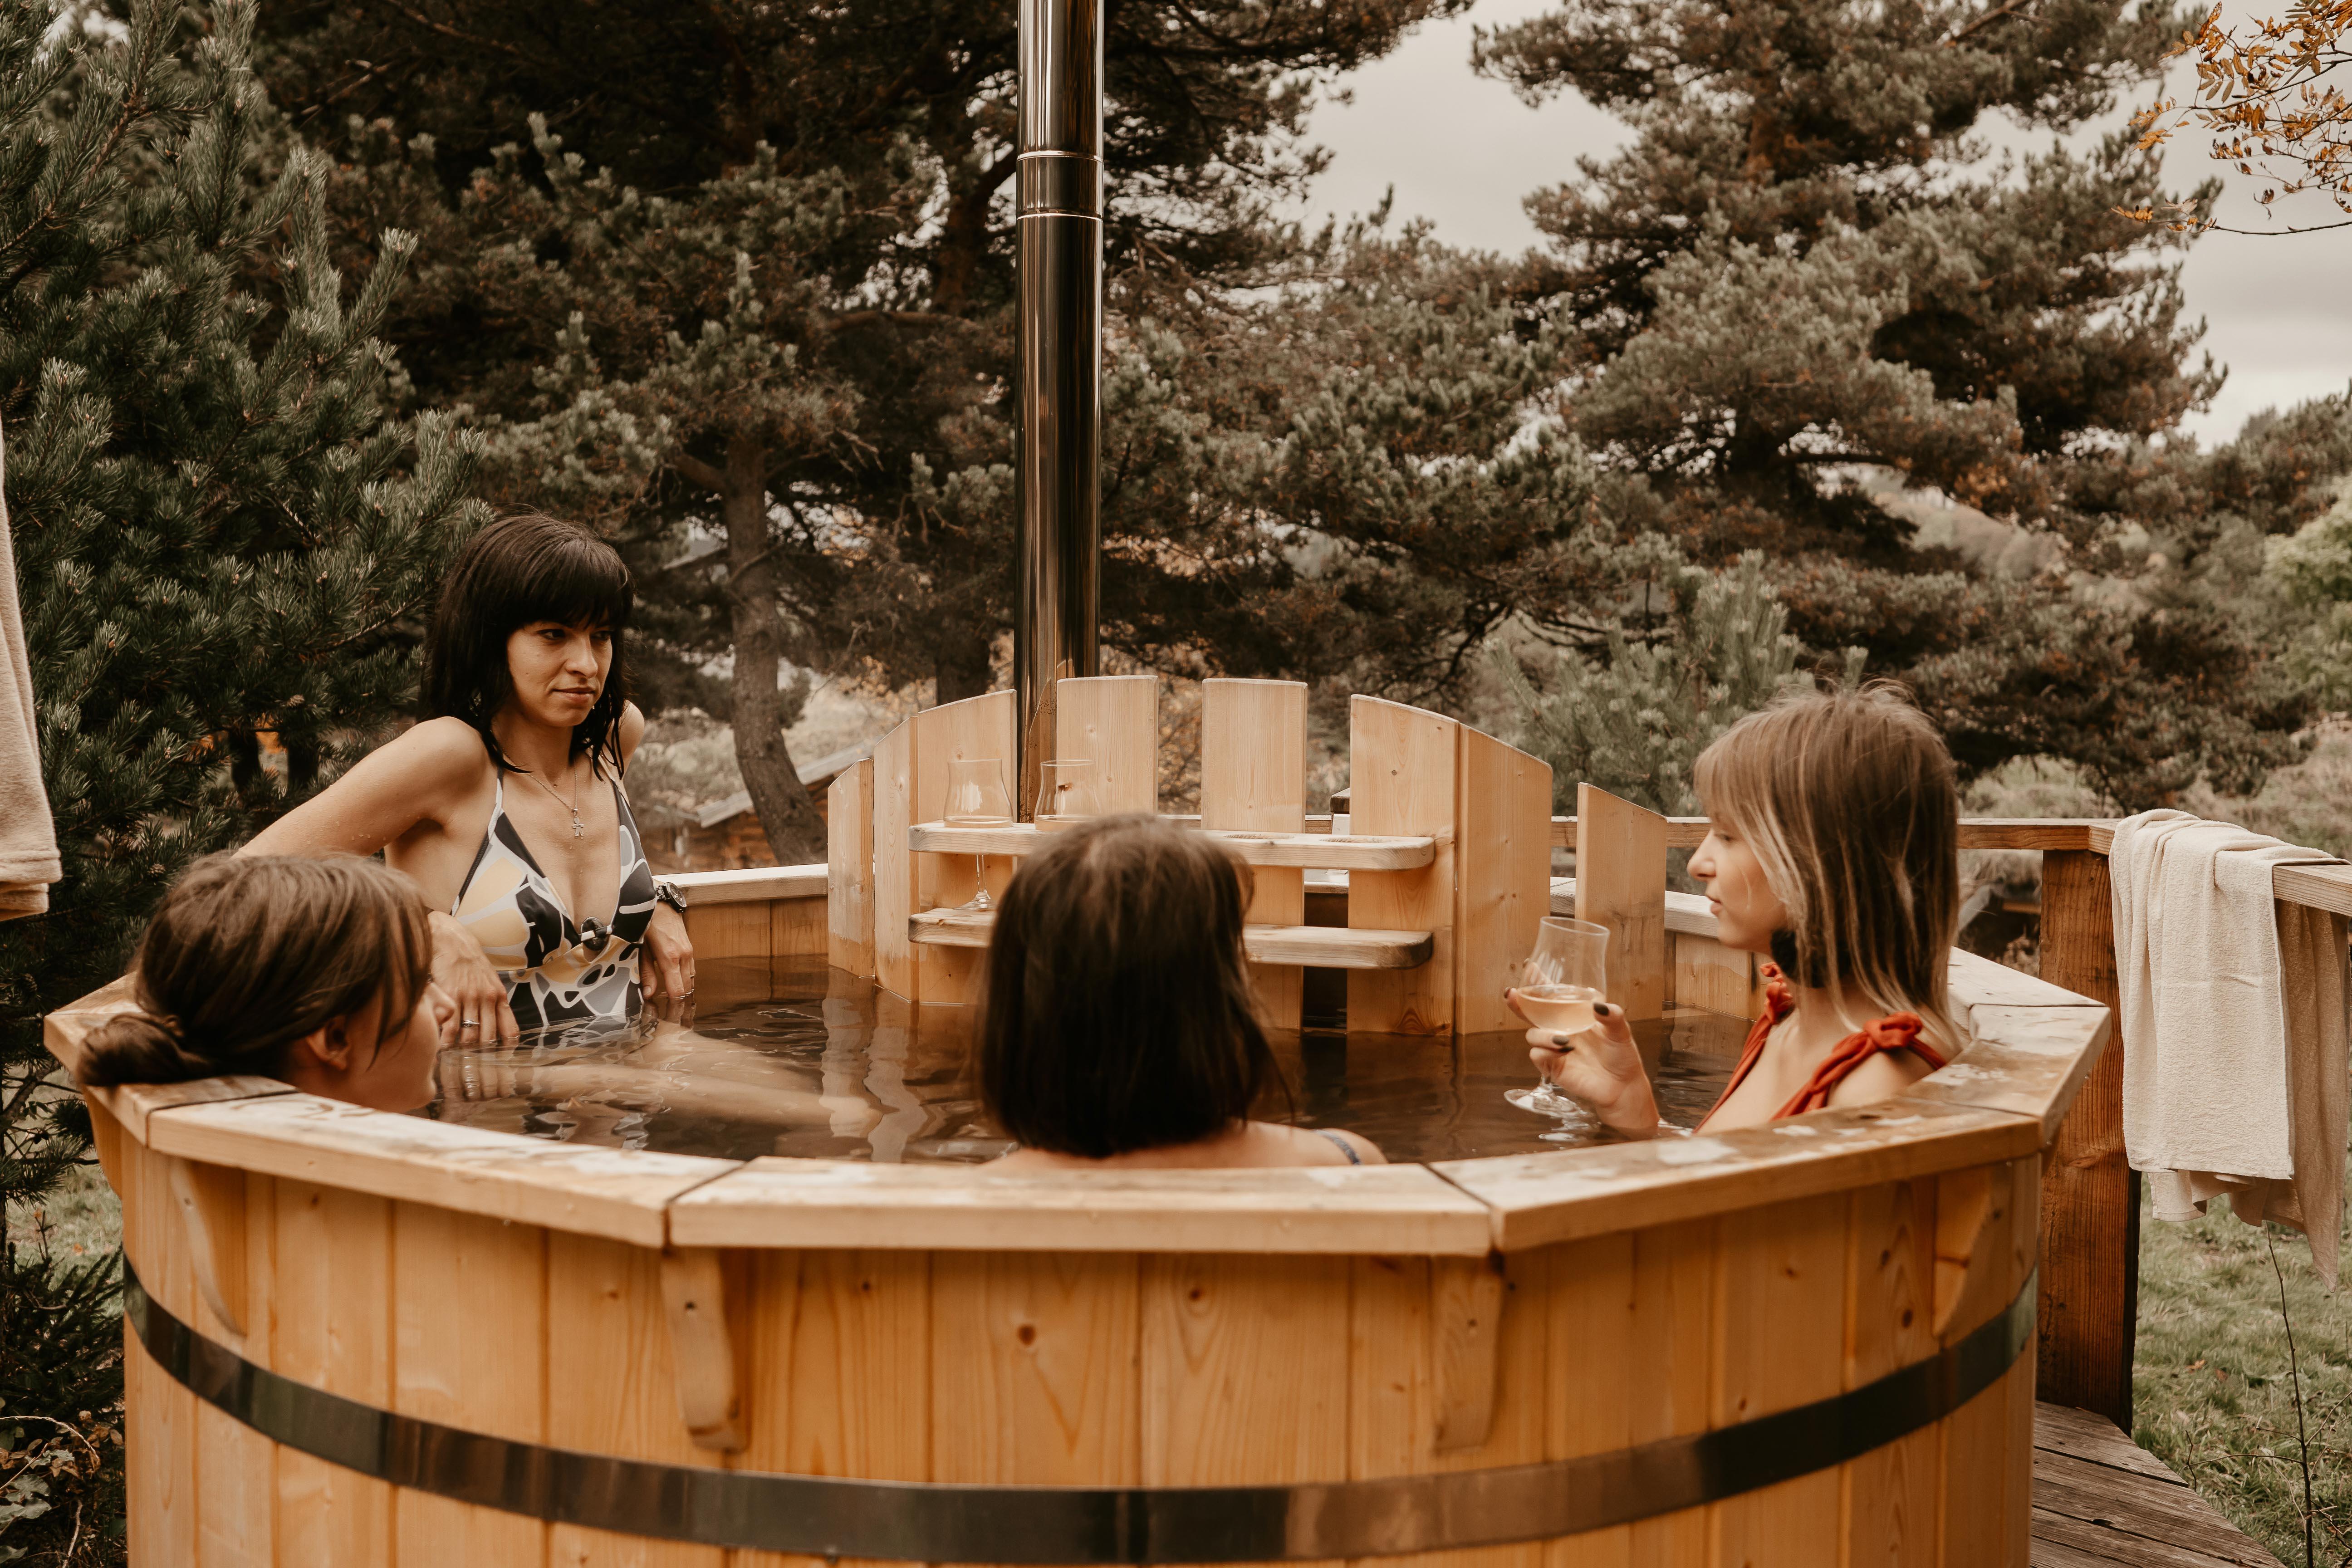 bain-nordique-vue-exterieur